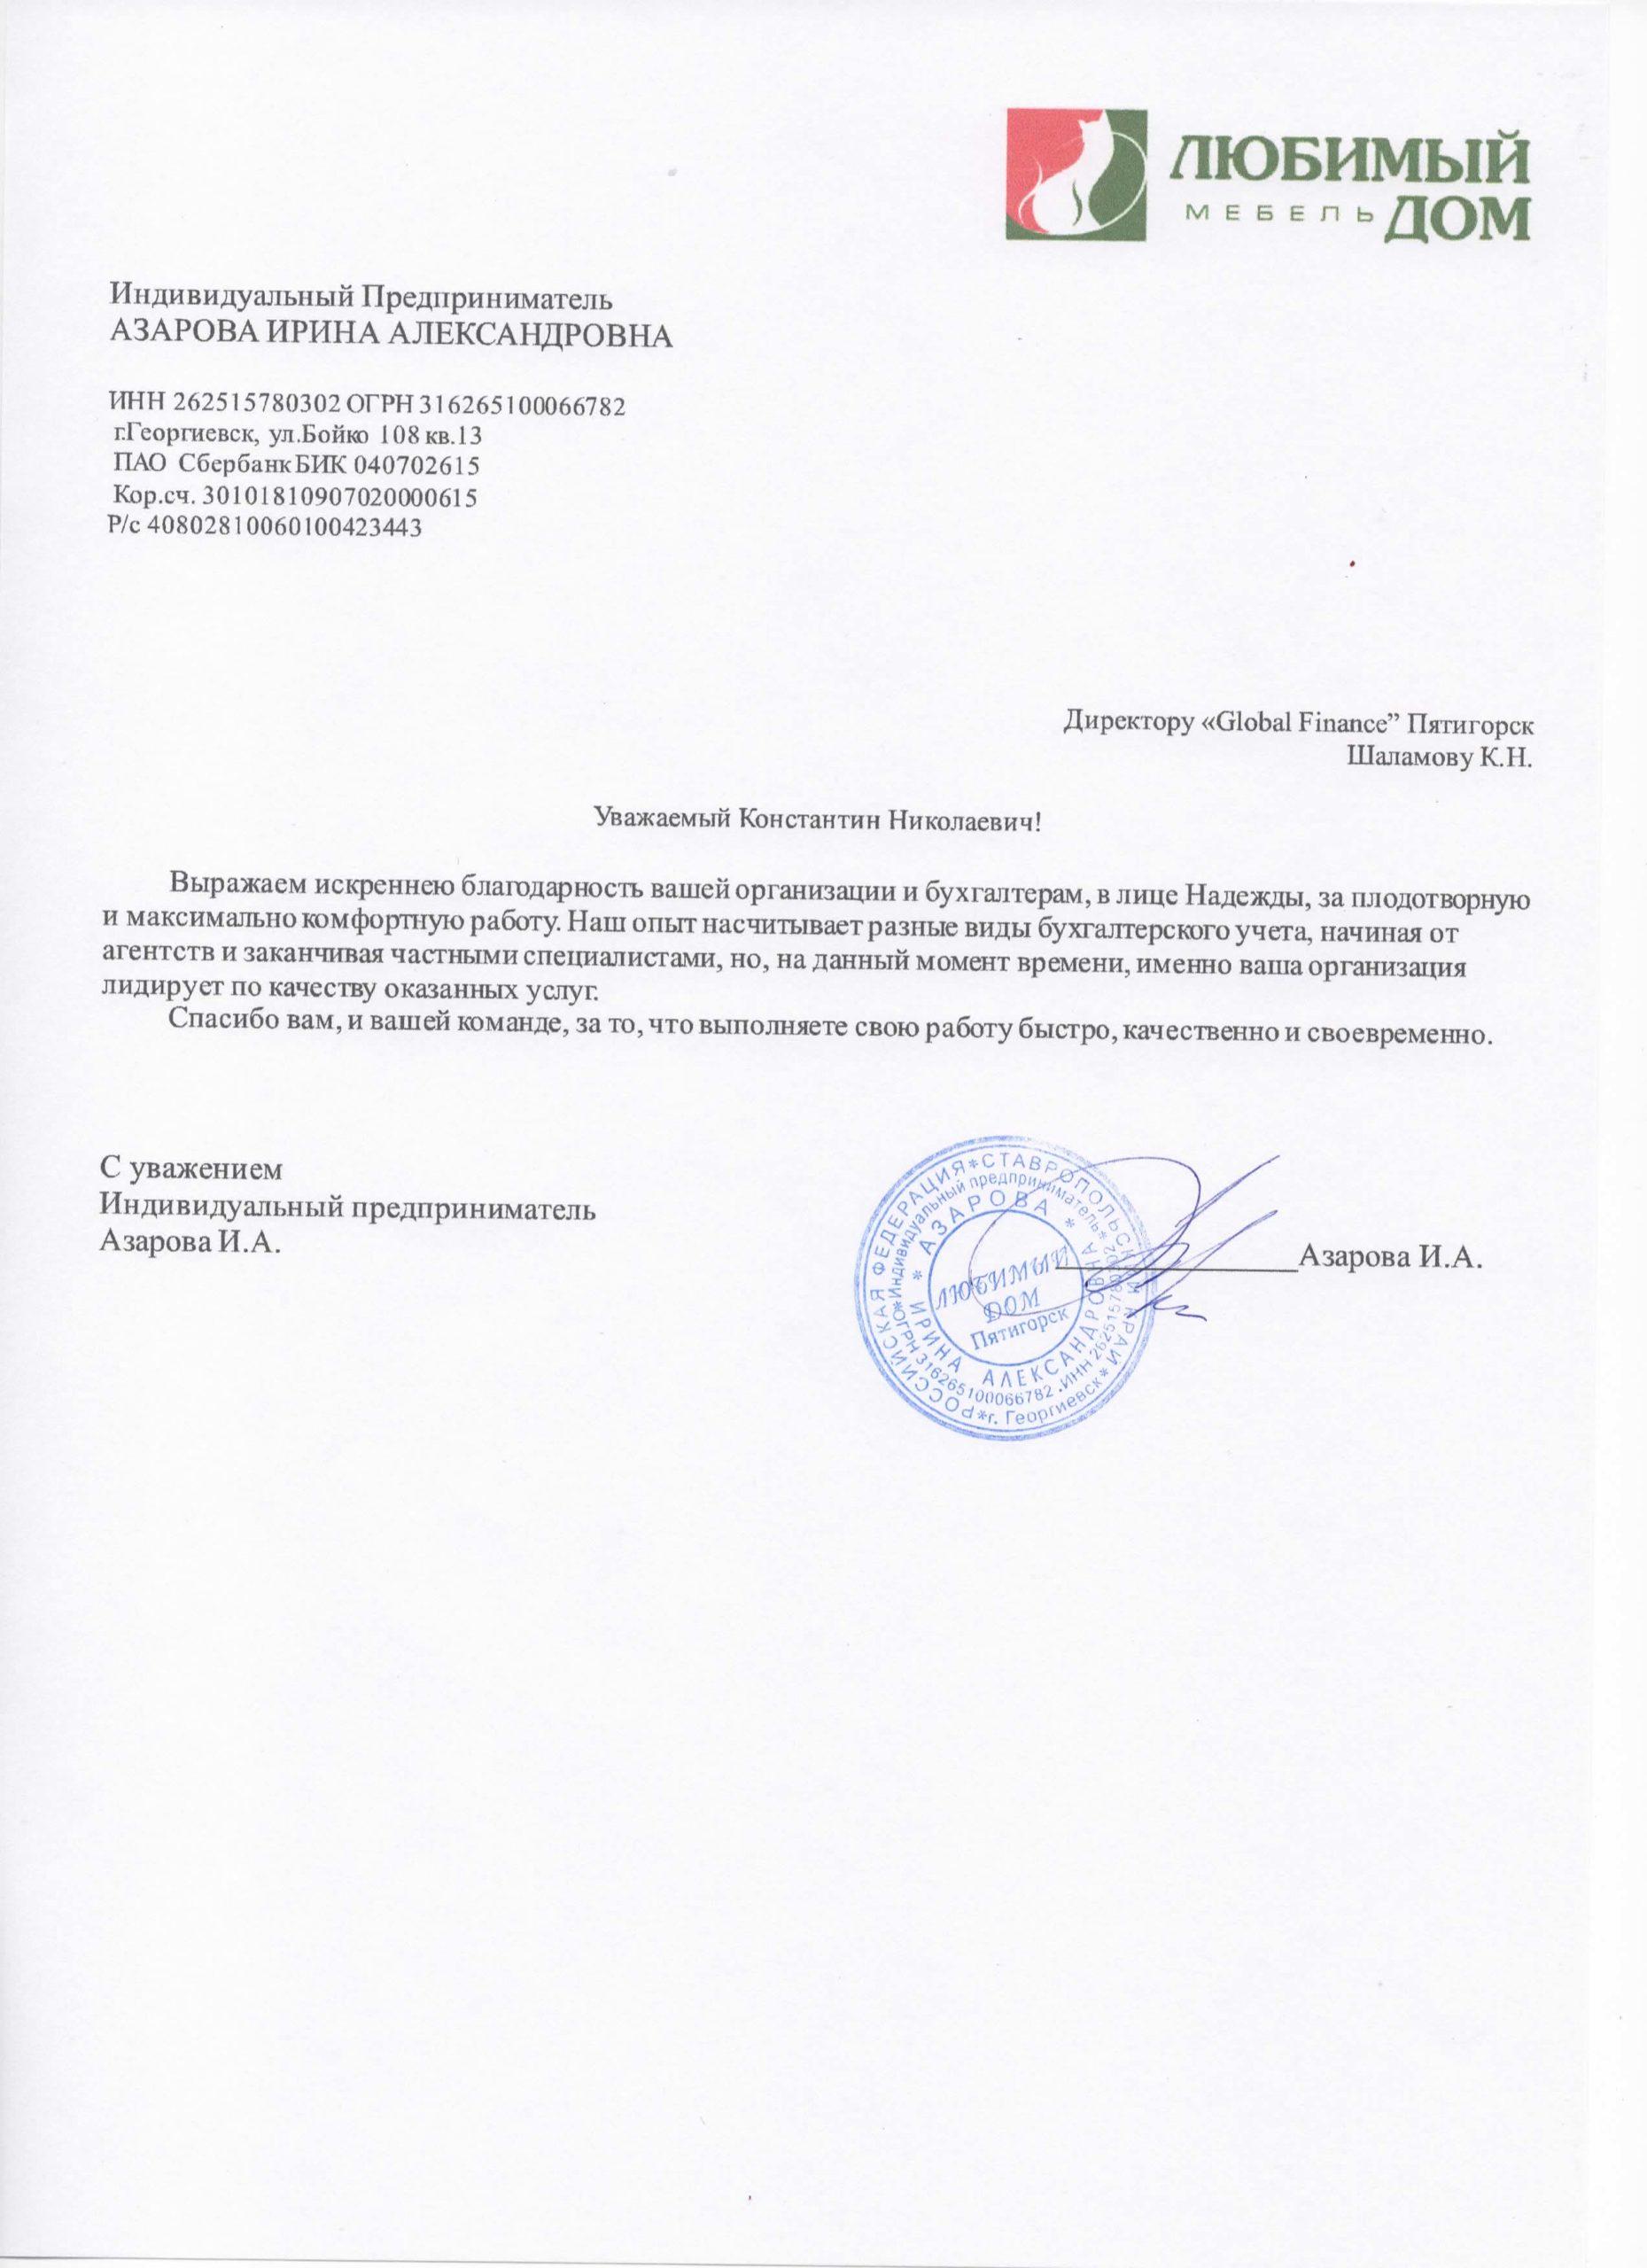 ИП Азарова И.А.